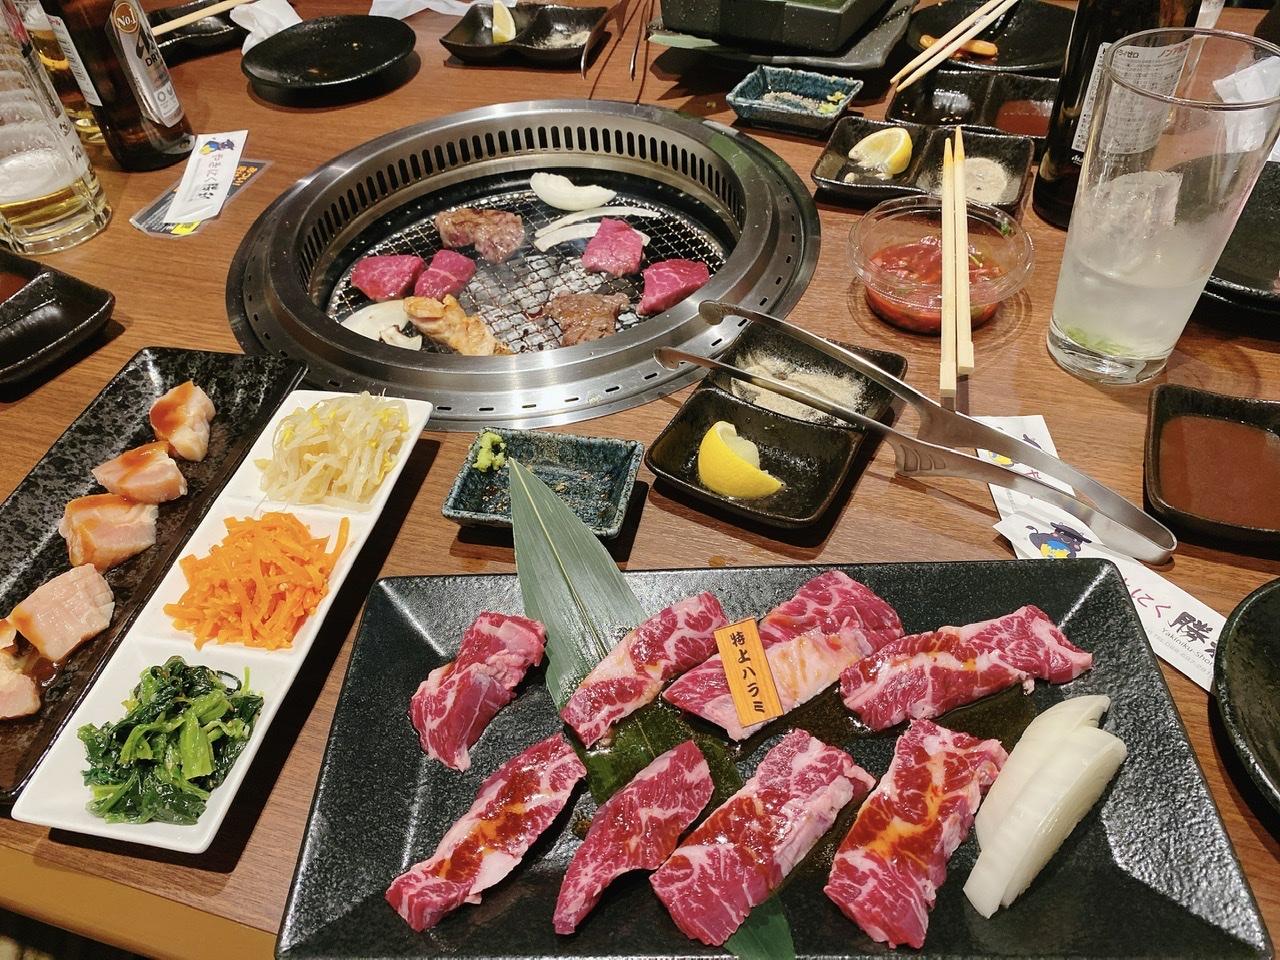 【徳島グルメ】地球儀の上に立つ黒牛が目印!とにかく美味しい焼肉を食べるならココ♡_8